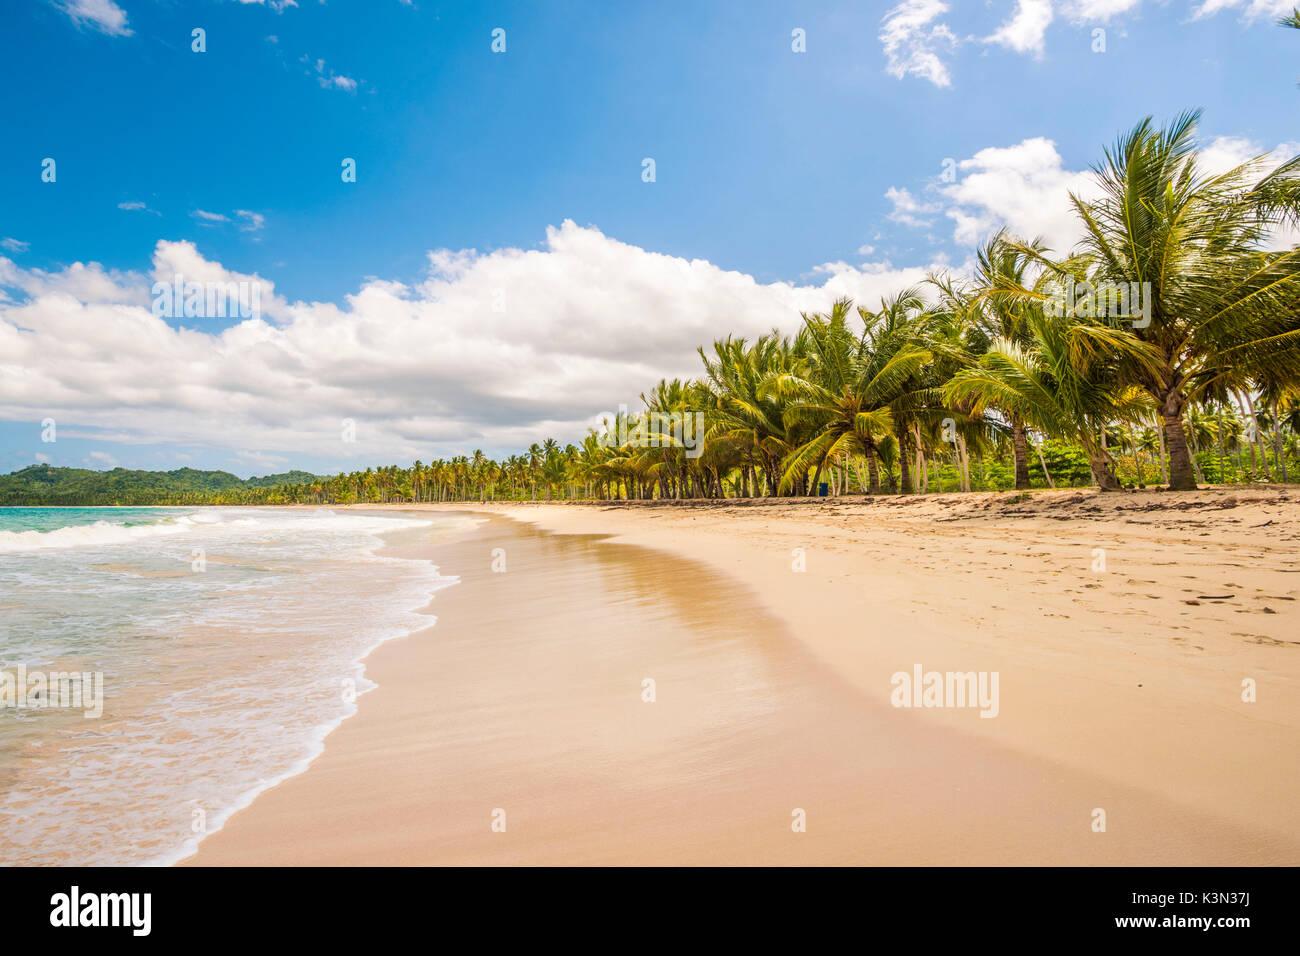 Playa Rincon, penisola di Samana, Repubblica Dominicana. Immagini Stock